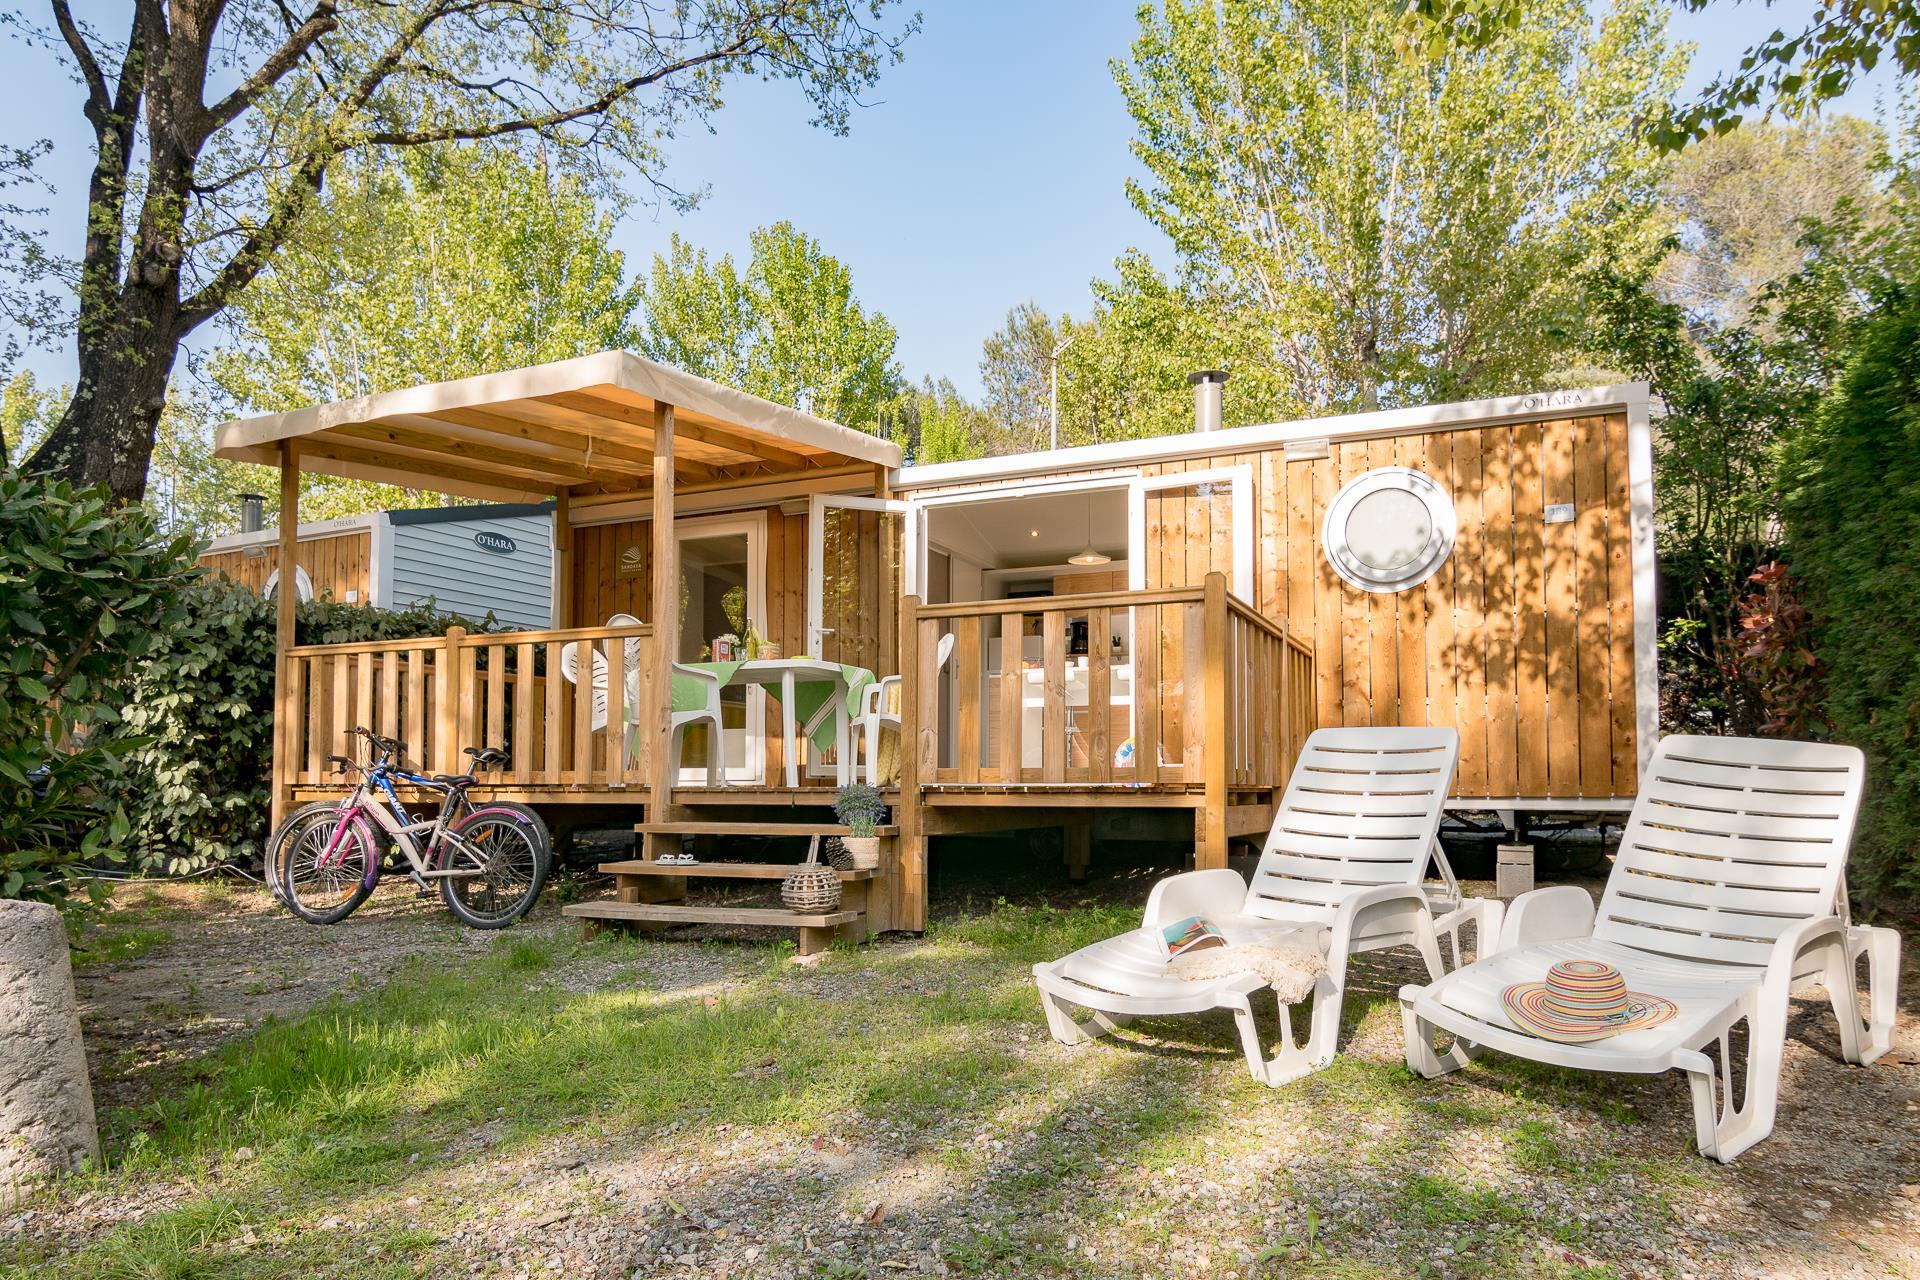 Location - Cottage Esterel 2 Chambres Climatisé *** - Camping Sandaya Douce Quiétude